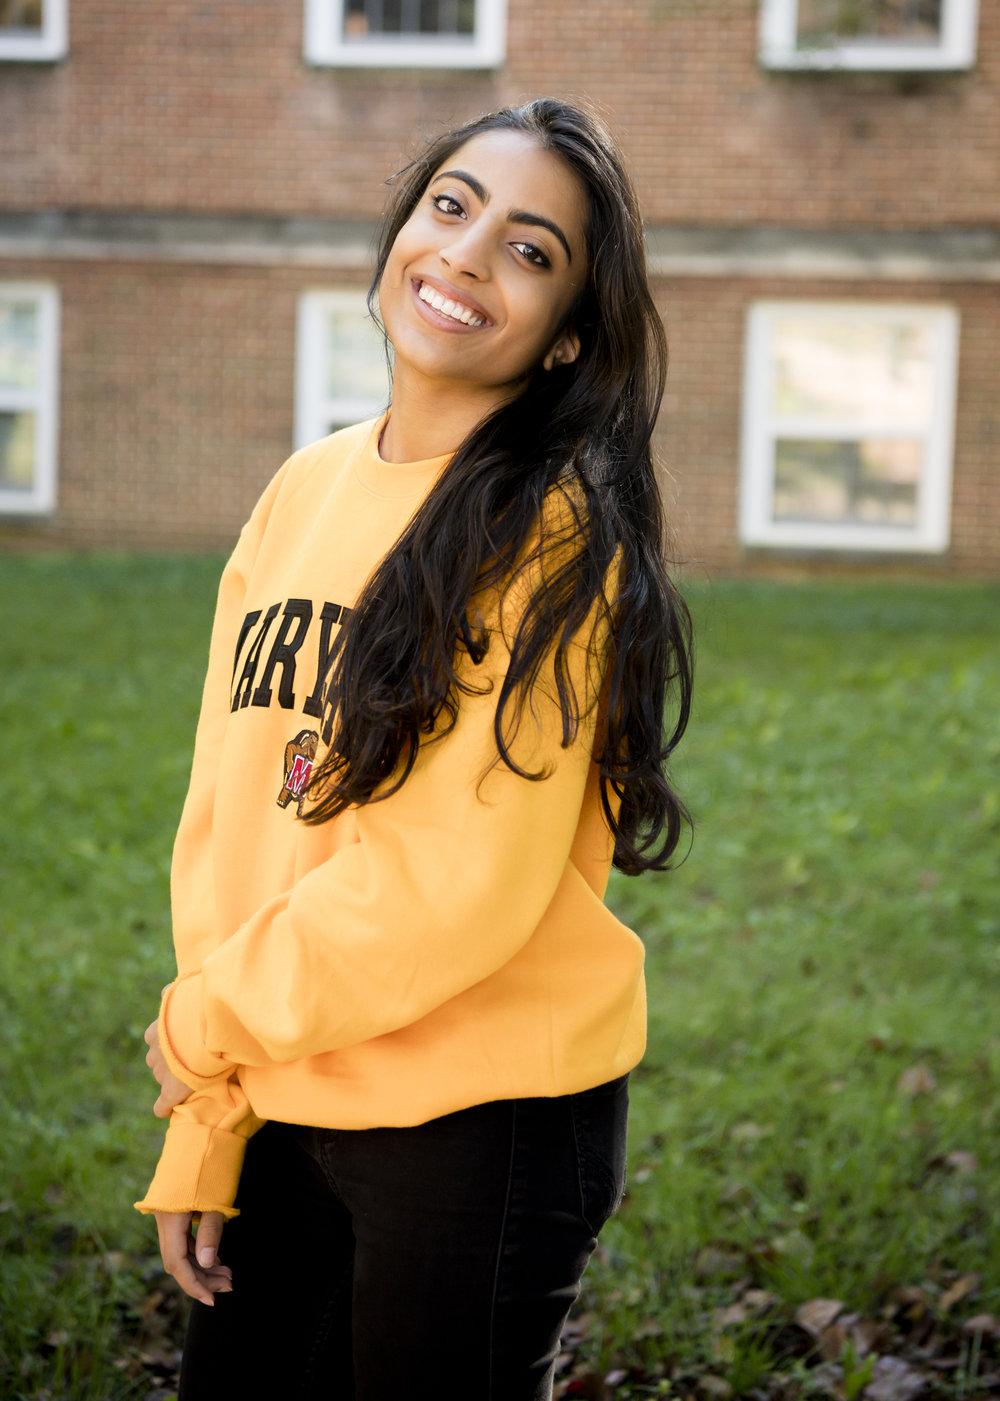 Samhita Chaundury - Sophomore, Bioengineering